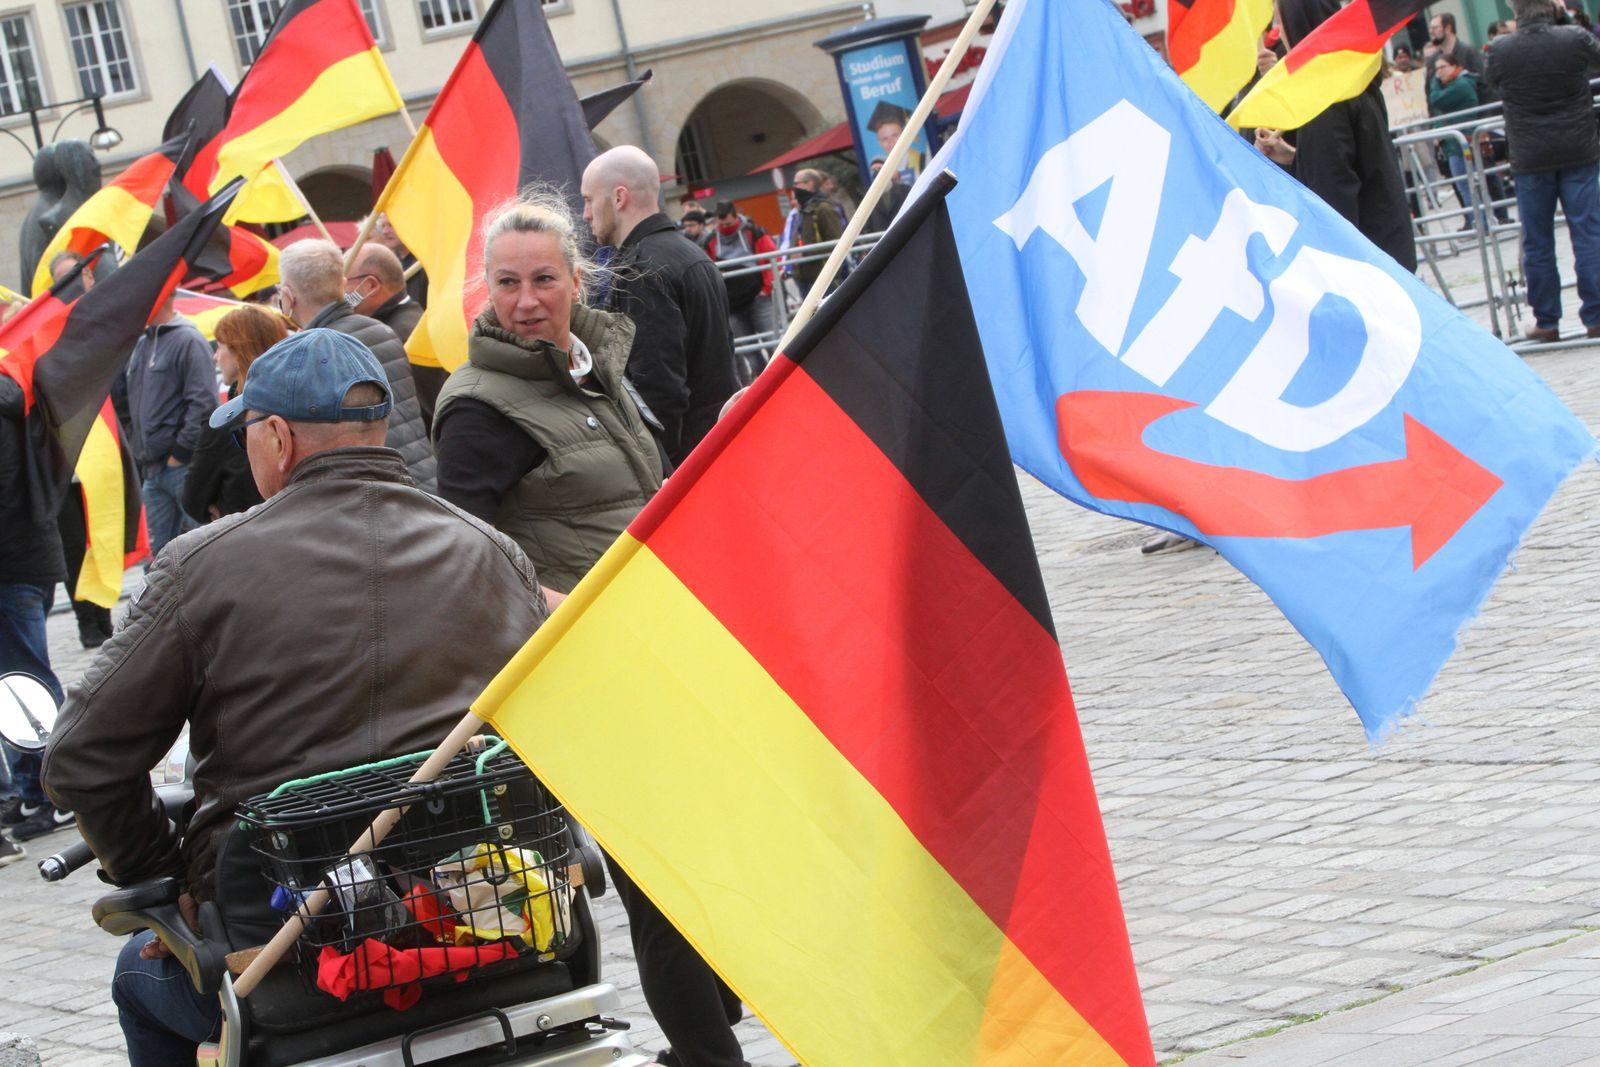 Blick am Sonnabend (16.05.2020) in der Hansestadt Rostock auf eine Mahnwache der Partei Alternative für Deutschland vor